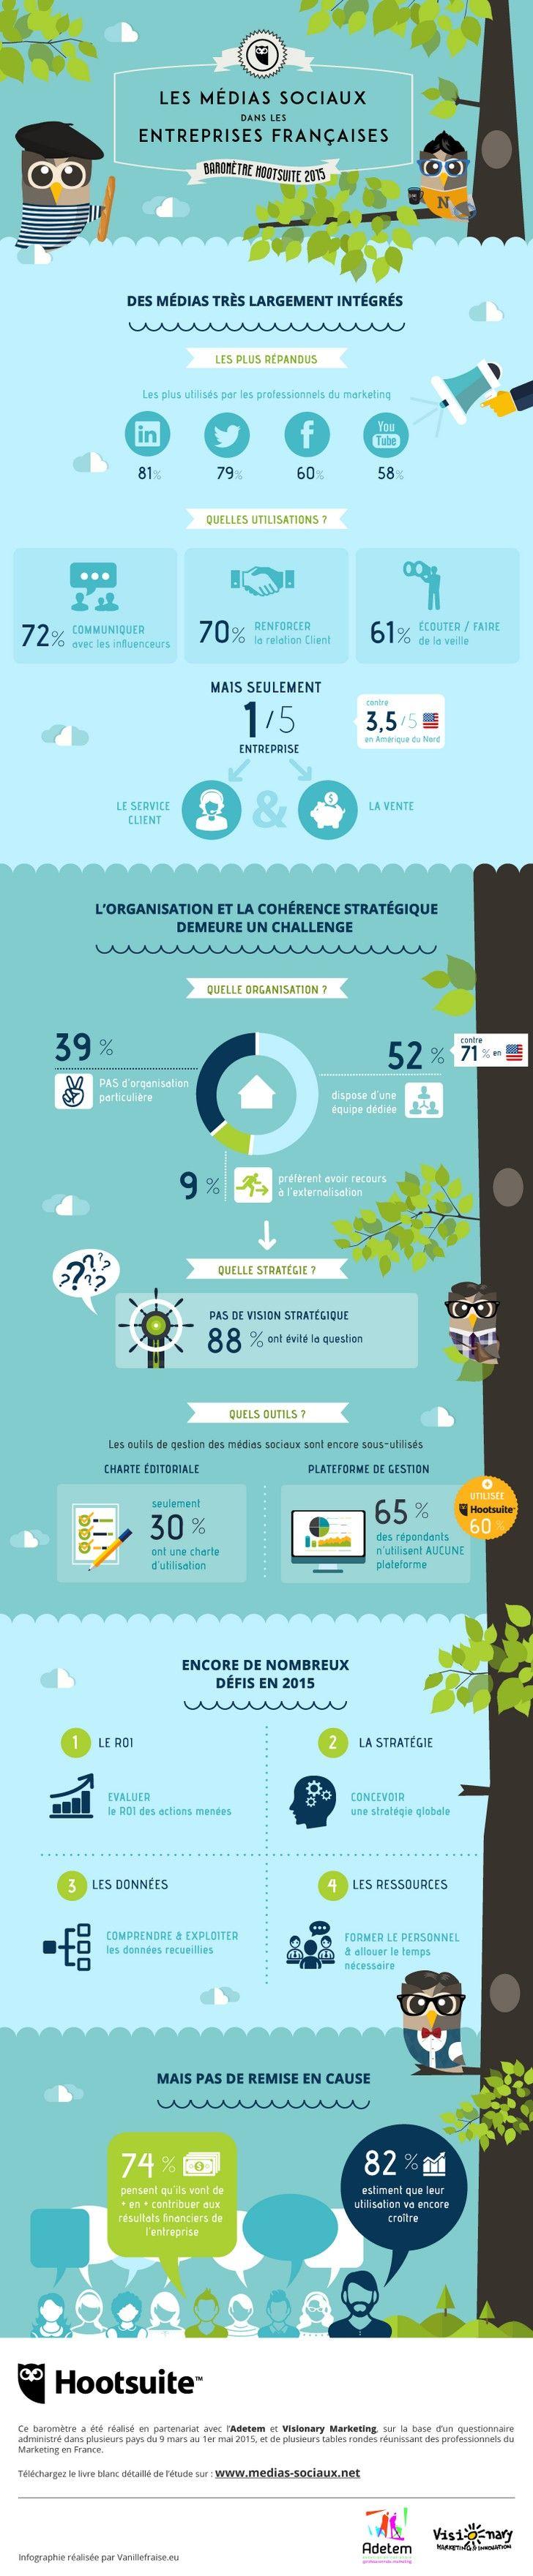 Infographie : les médias sociaux dans les entreprises françaises